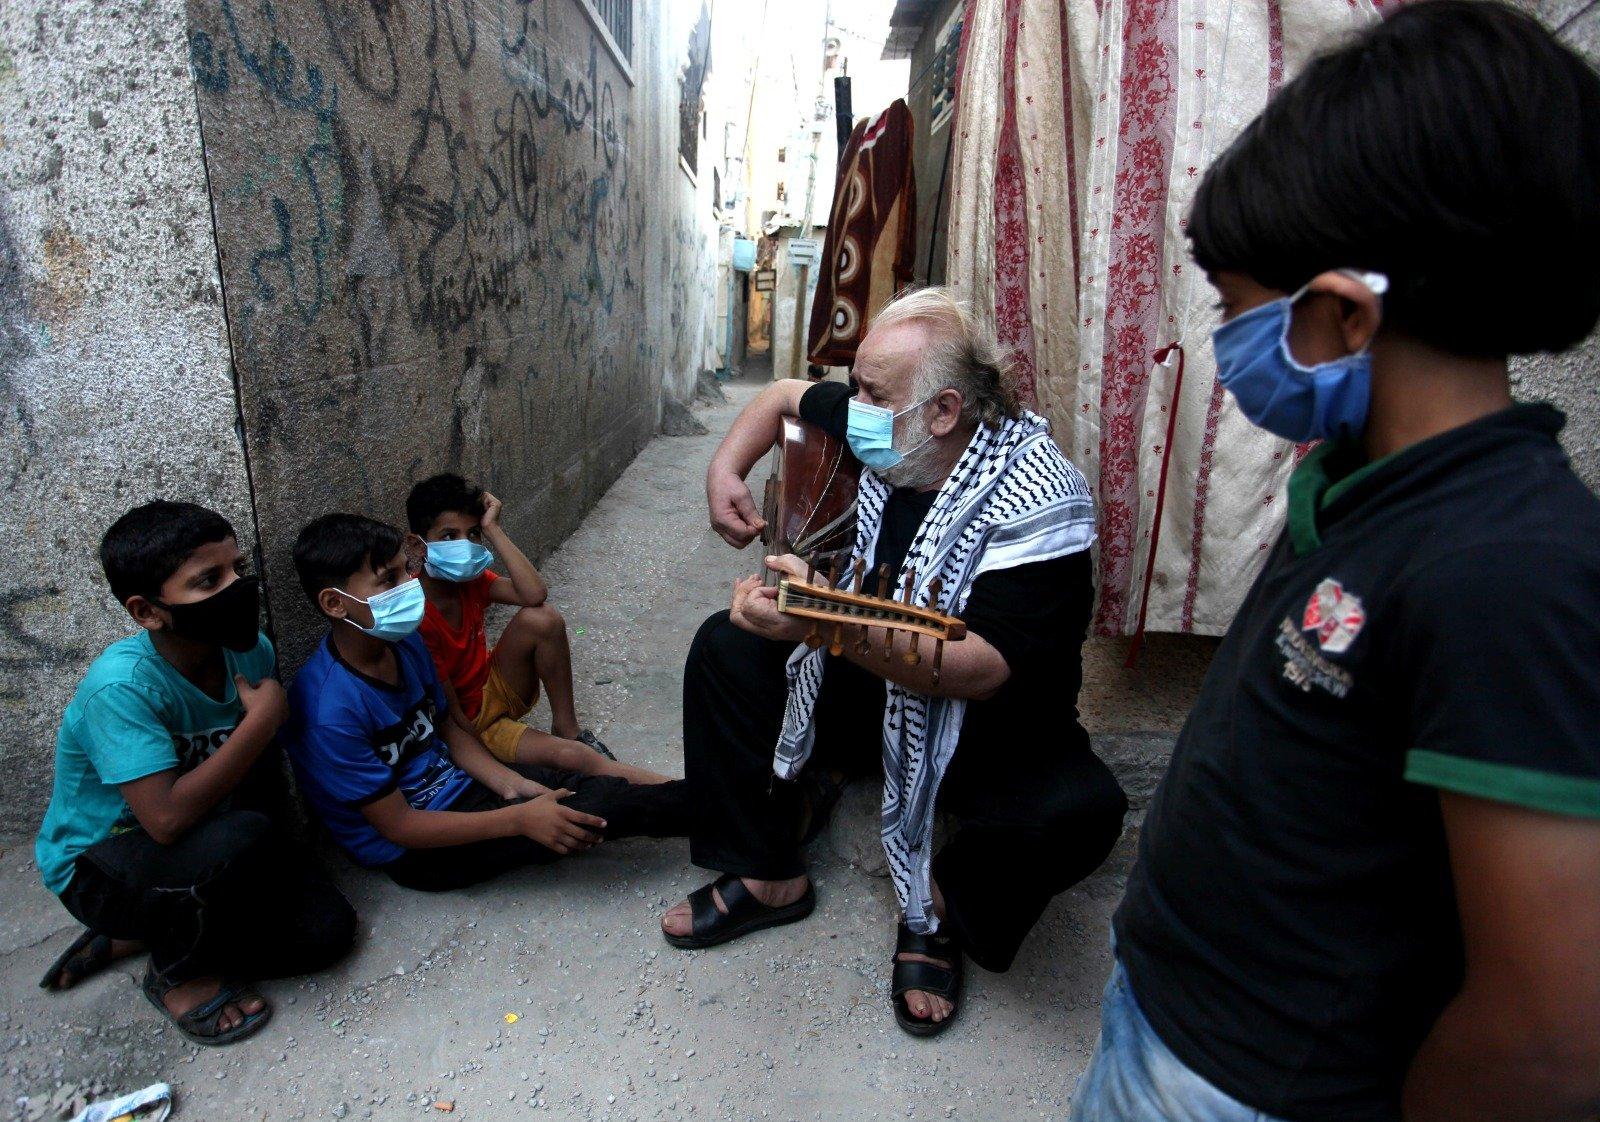 Settimanale - ricaduta - Medio Oriente - Gaza - bambini